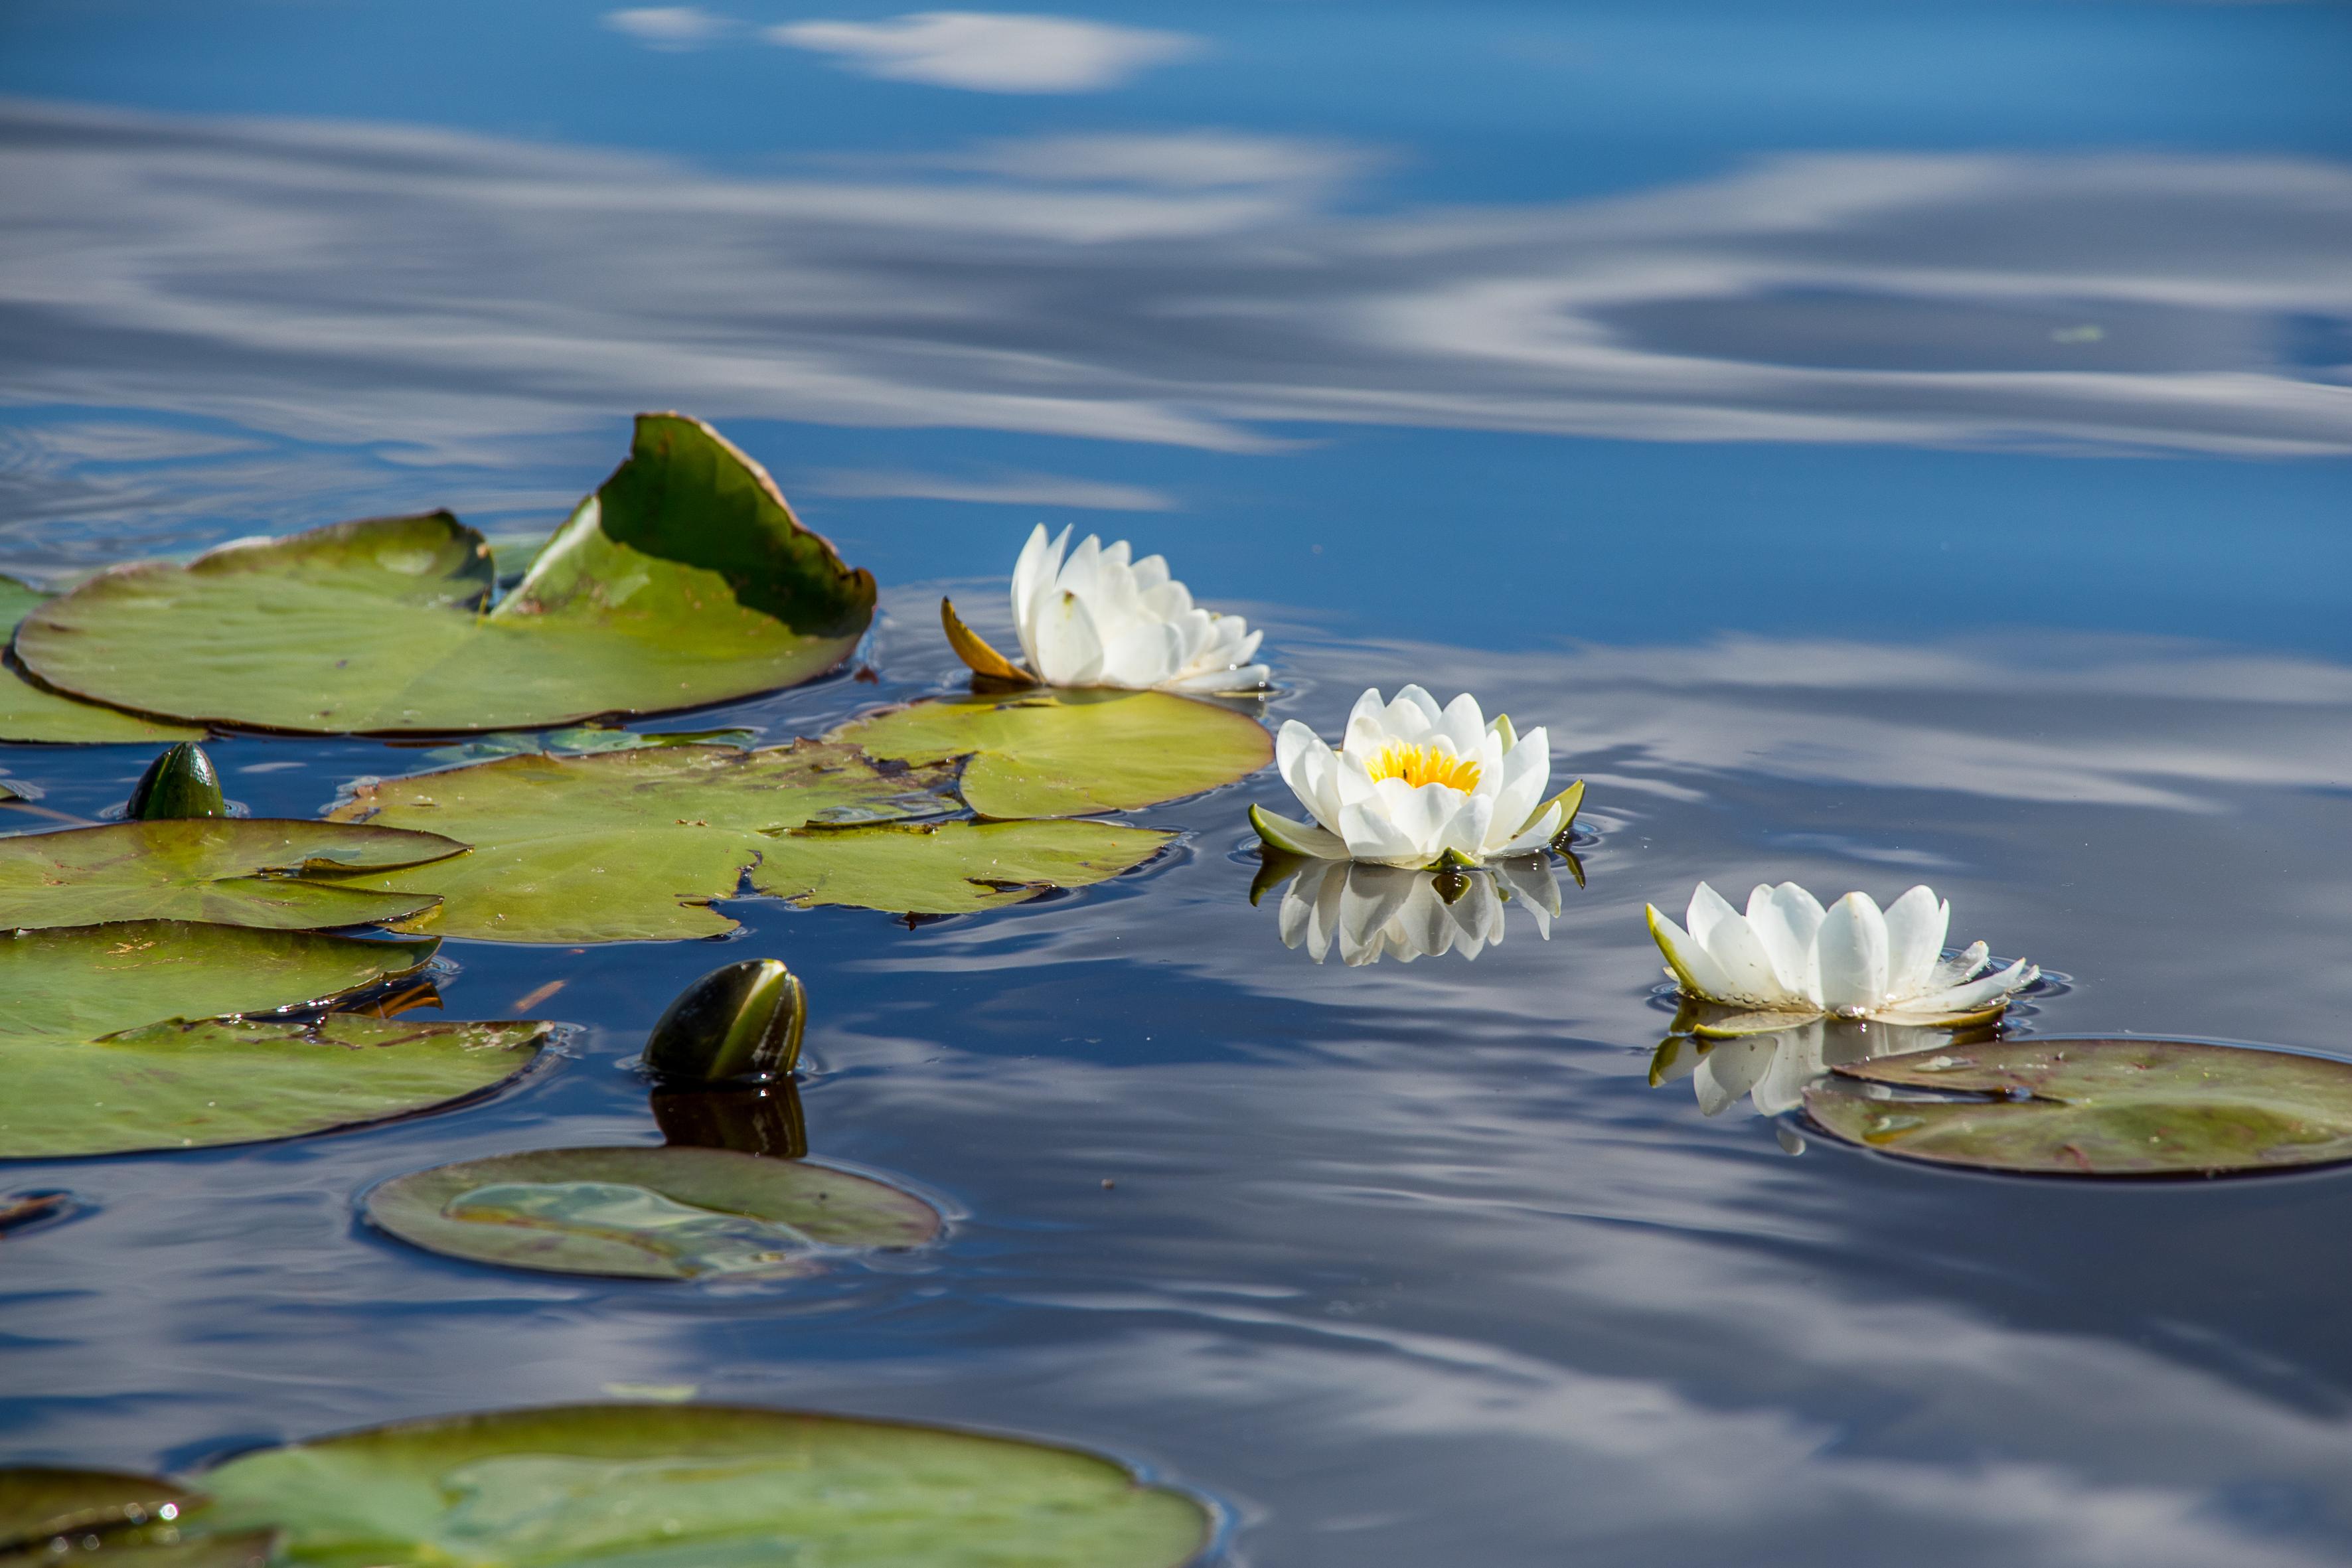 <p>Блатото при село Малък Преславец&nbsp;- ще попаднете в истинското царство на водните лилии, ако посетите блатото край село Малък Преславец. Блатото е осеяно с множество бели водни лилии (Nymphaea alba), растение със статут на застрашен вид в Червената книга на България. Тук този вид е образувал колонии.</p>